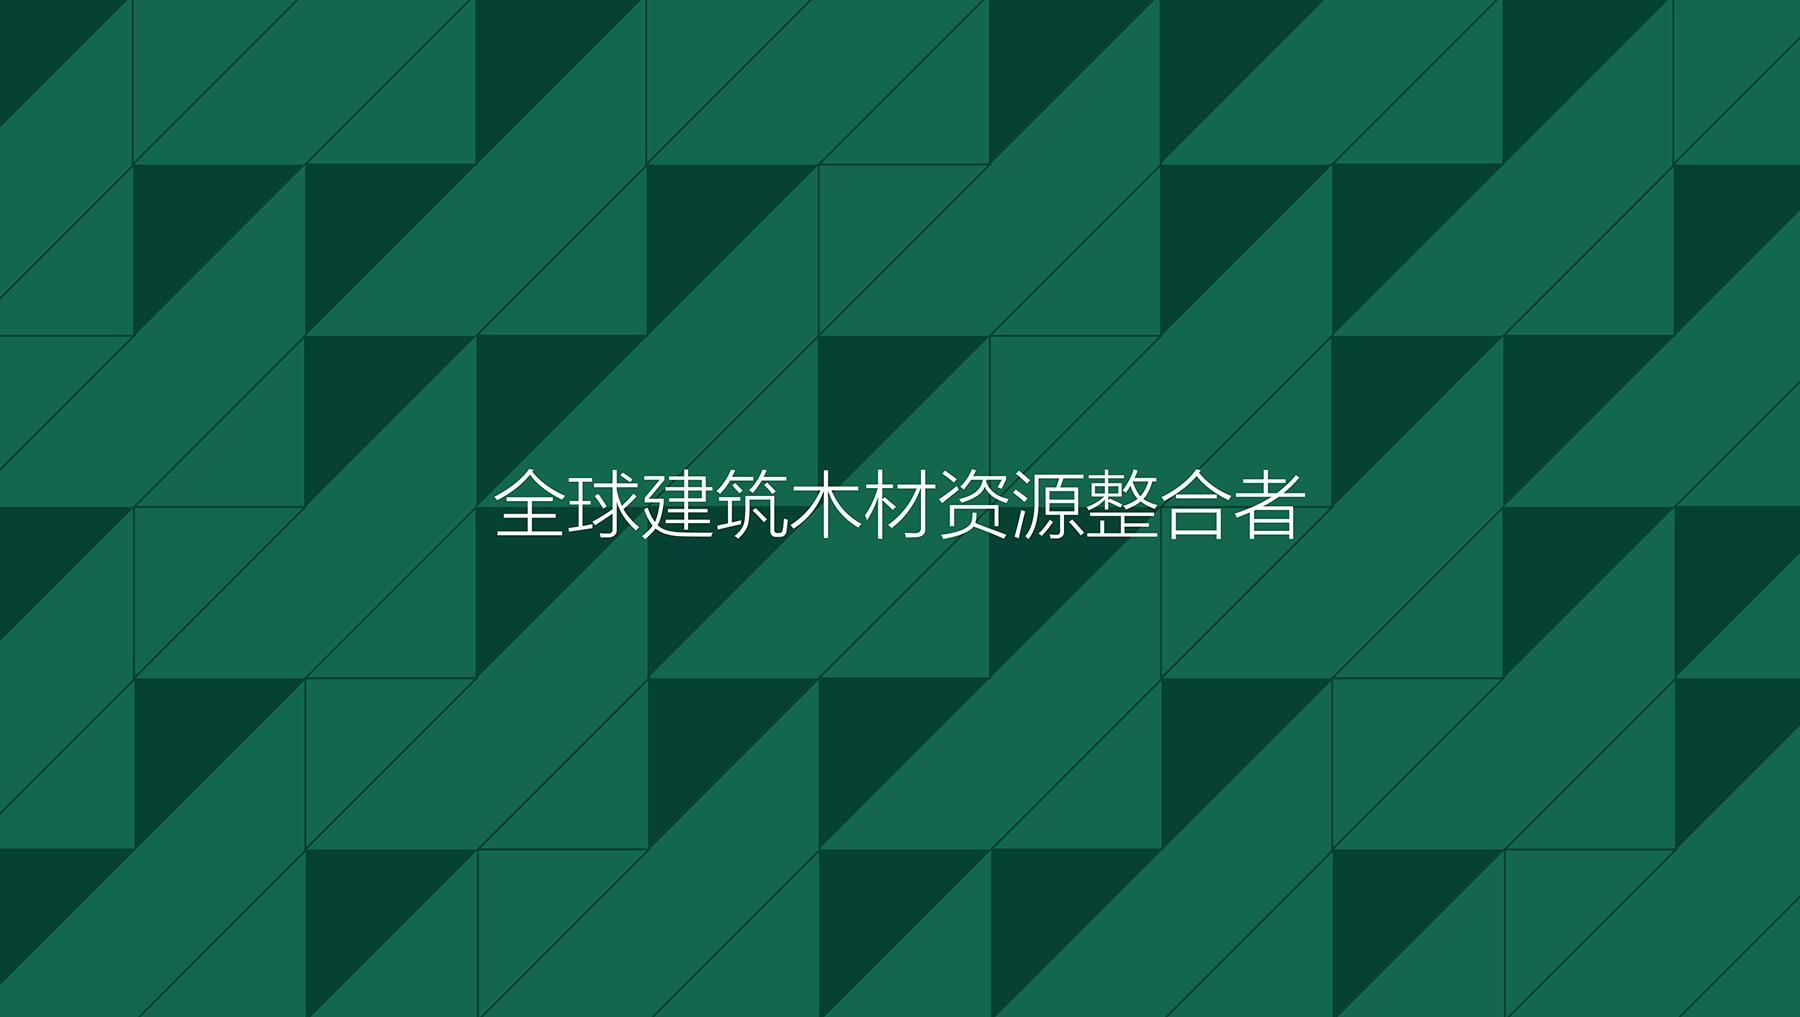 名和IP设计